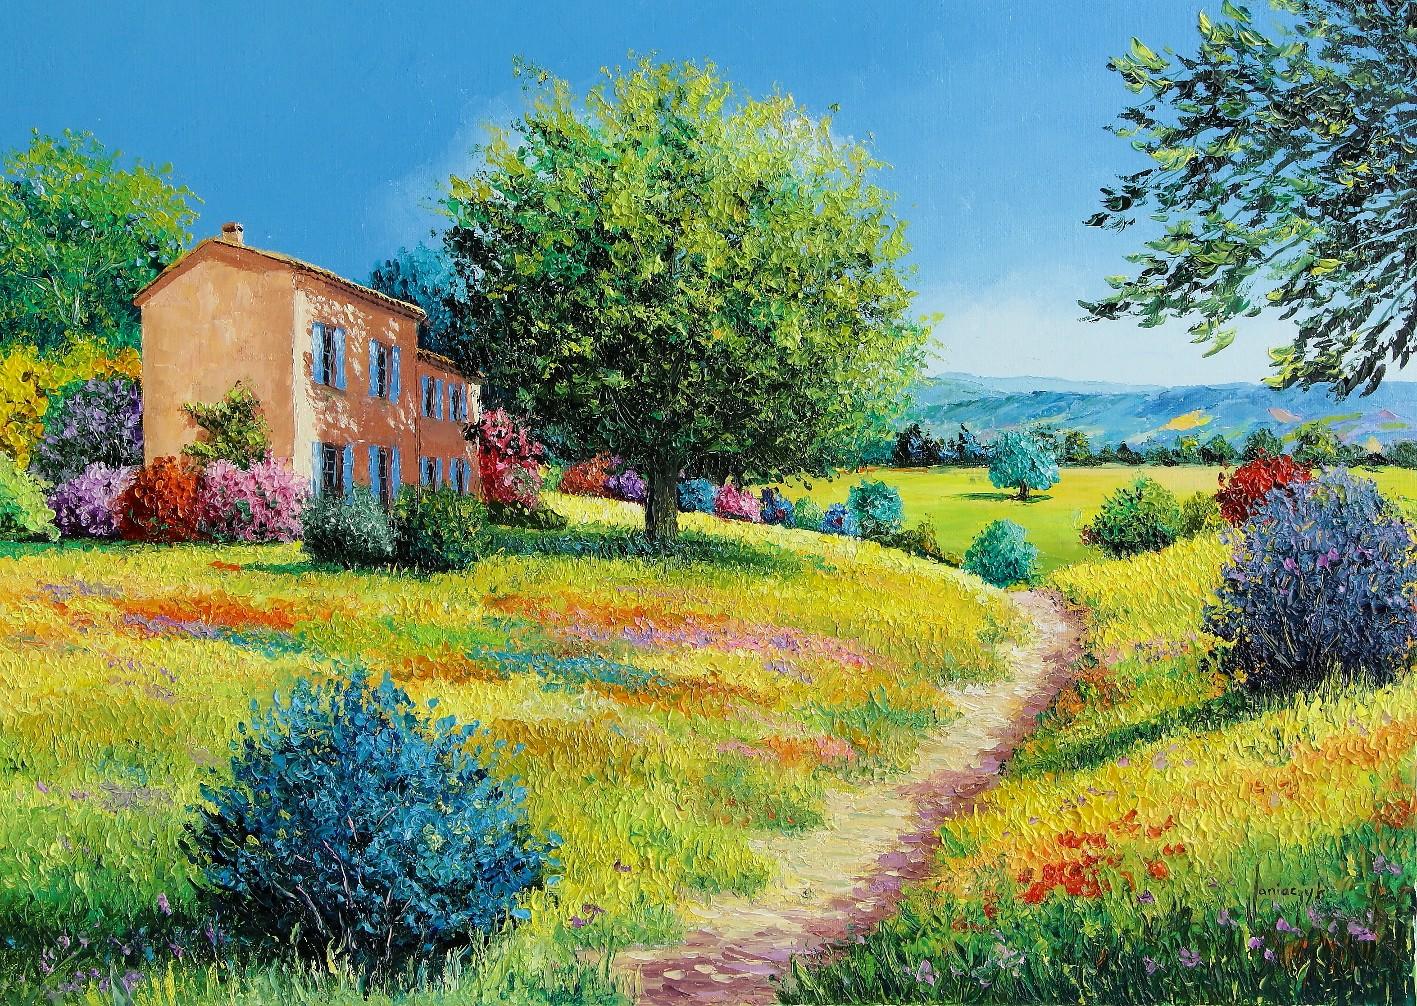 Casa no Verão - Cores alegres e vibrantes nas paisagens de Jean-Marc